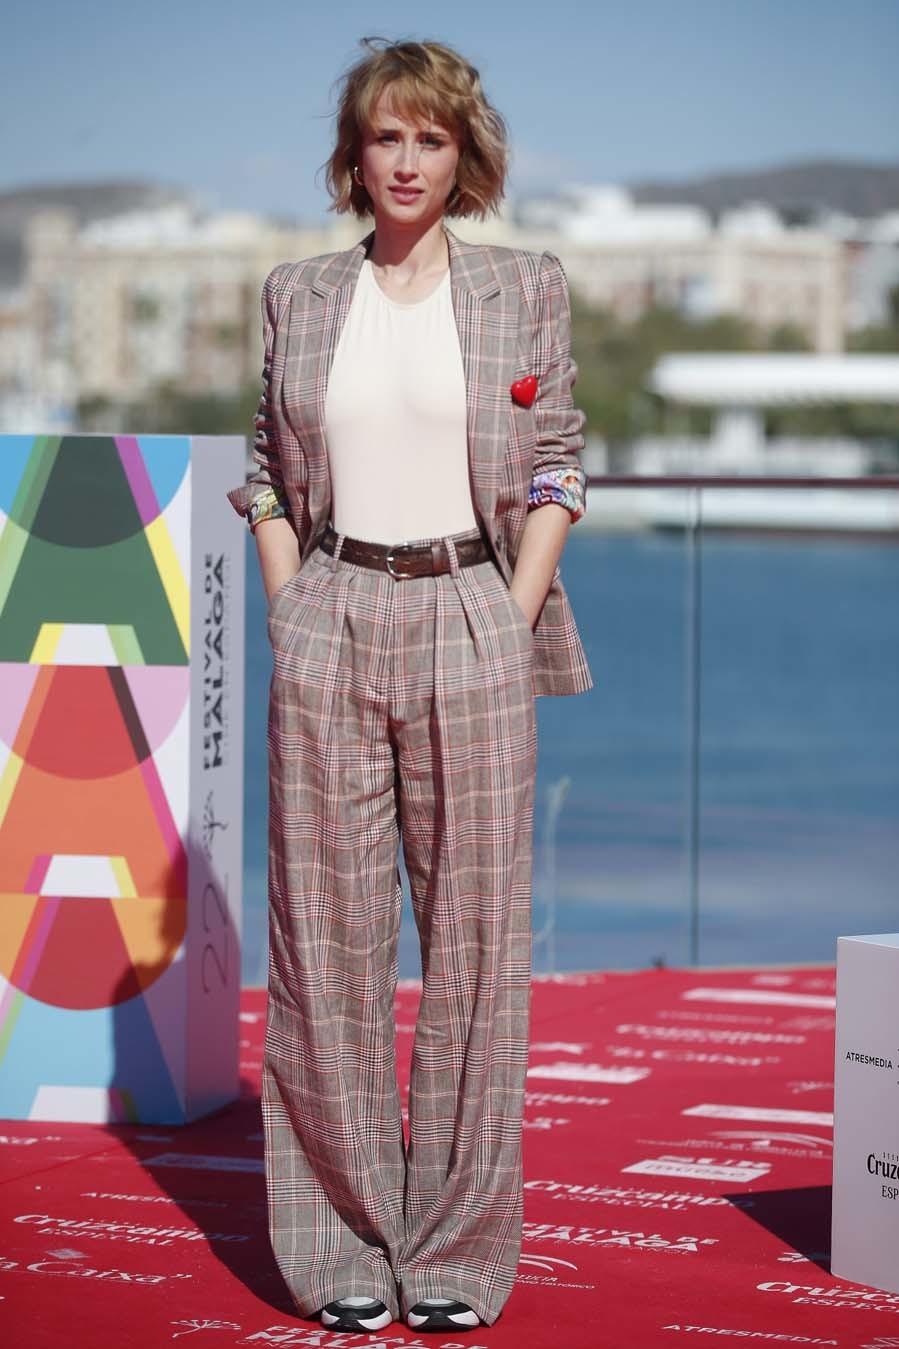 Las mejor vestidas de la semana - Ingrid García-Jonsson y el traje de cuadros